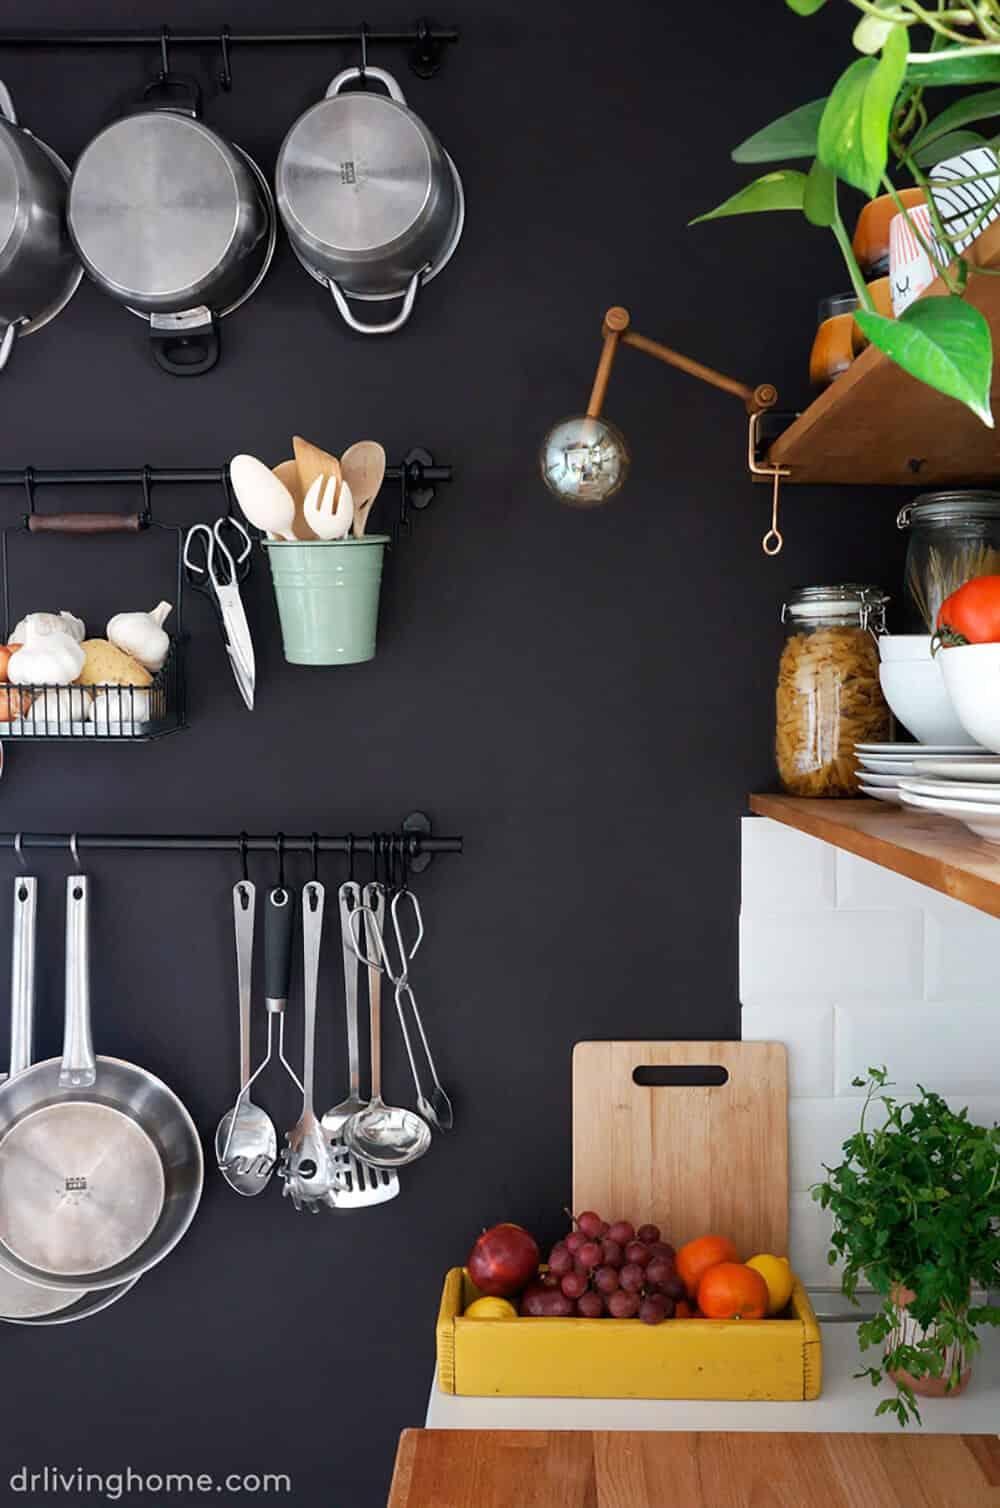 DIY Kitchen Makeover Dr Livinghome After Affordable Redo Emily Henderson 2